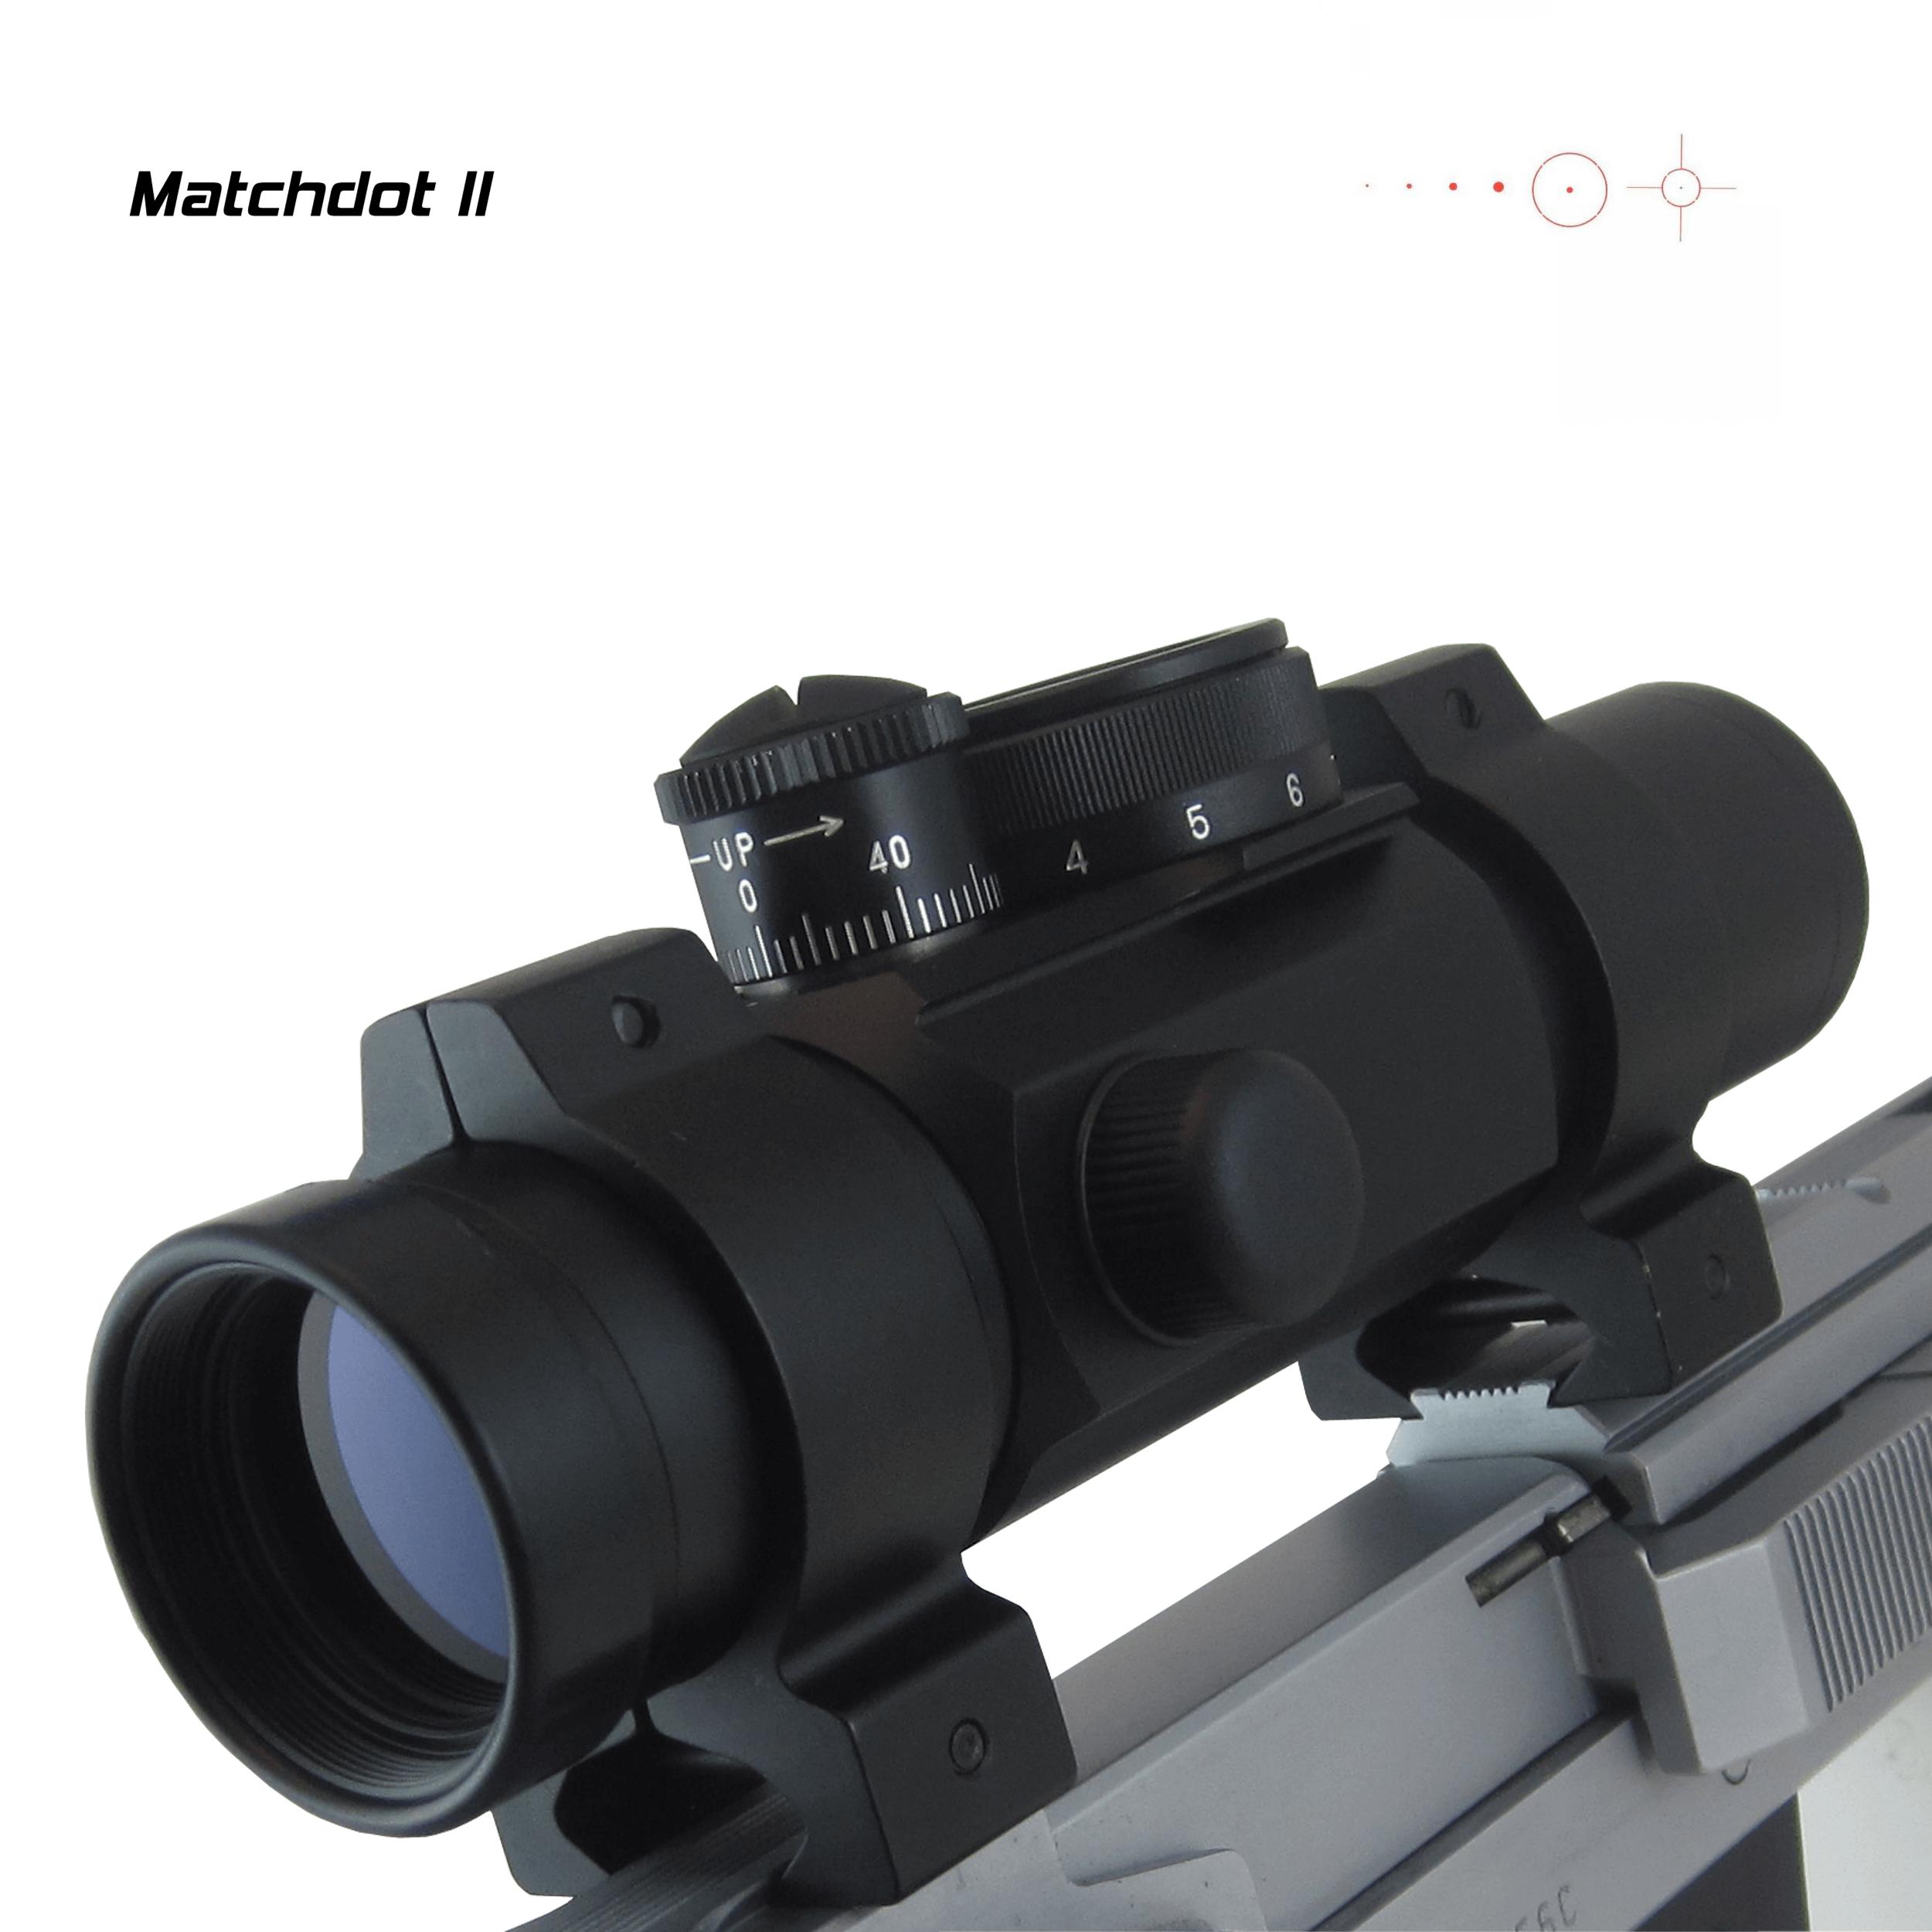 Red Dot Sight Matchdot II